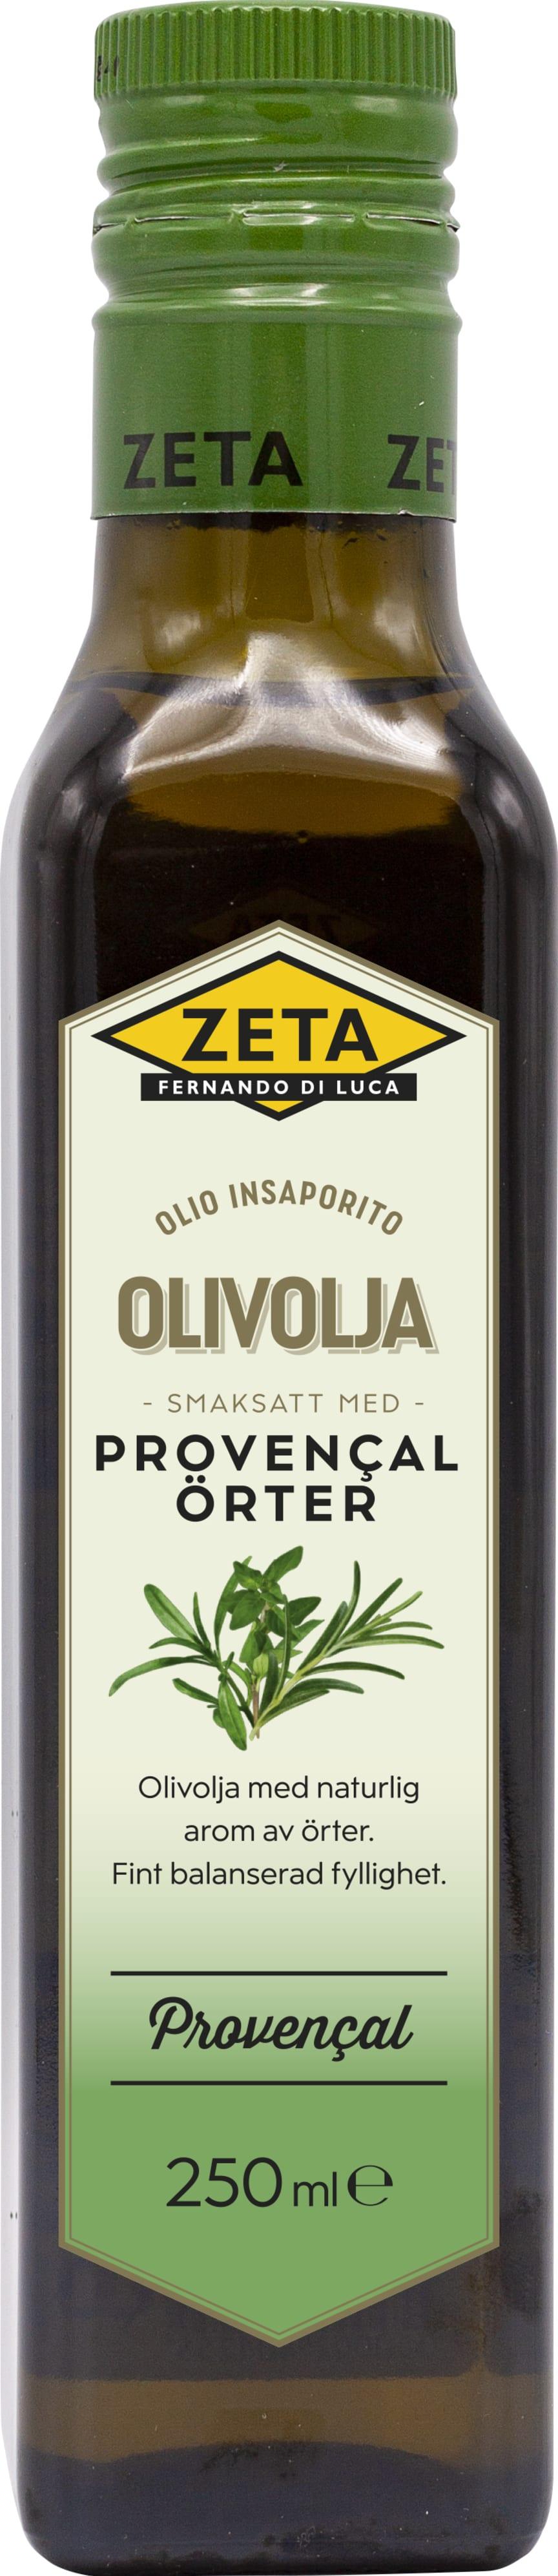 Olivolja Provencal